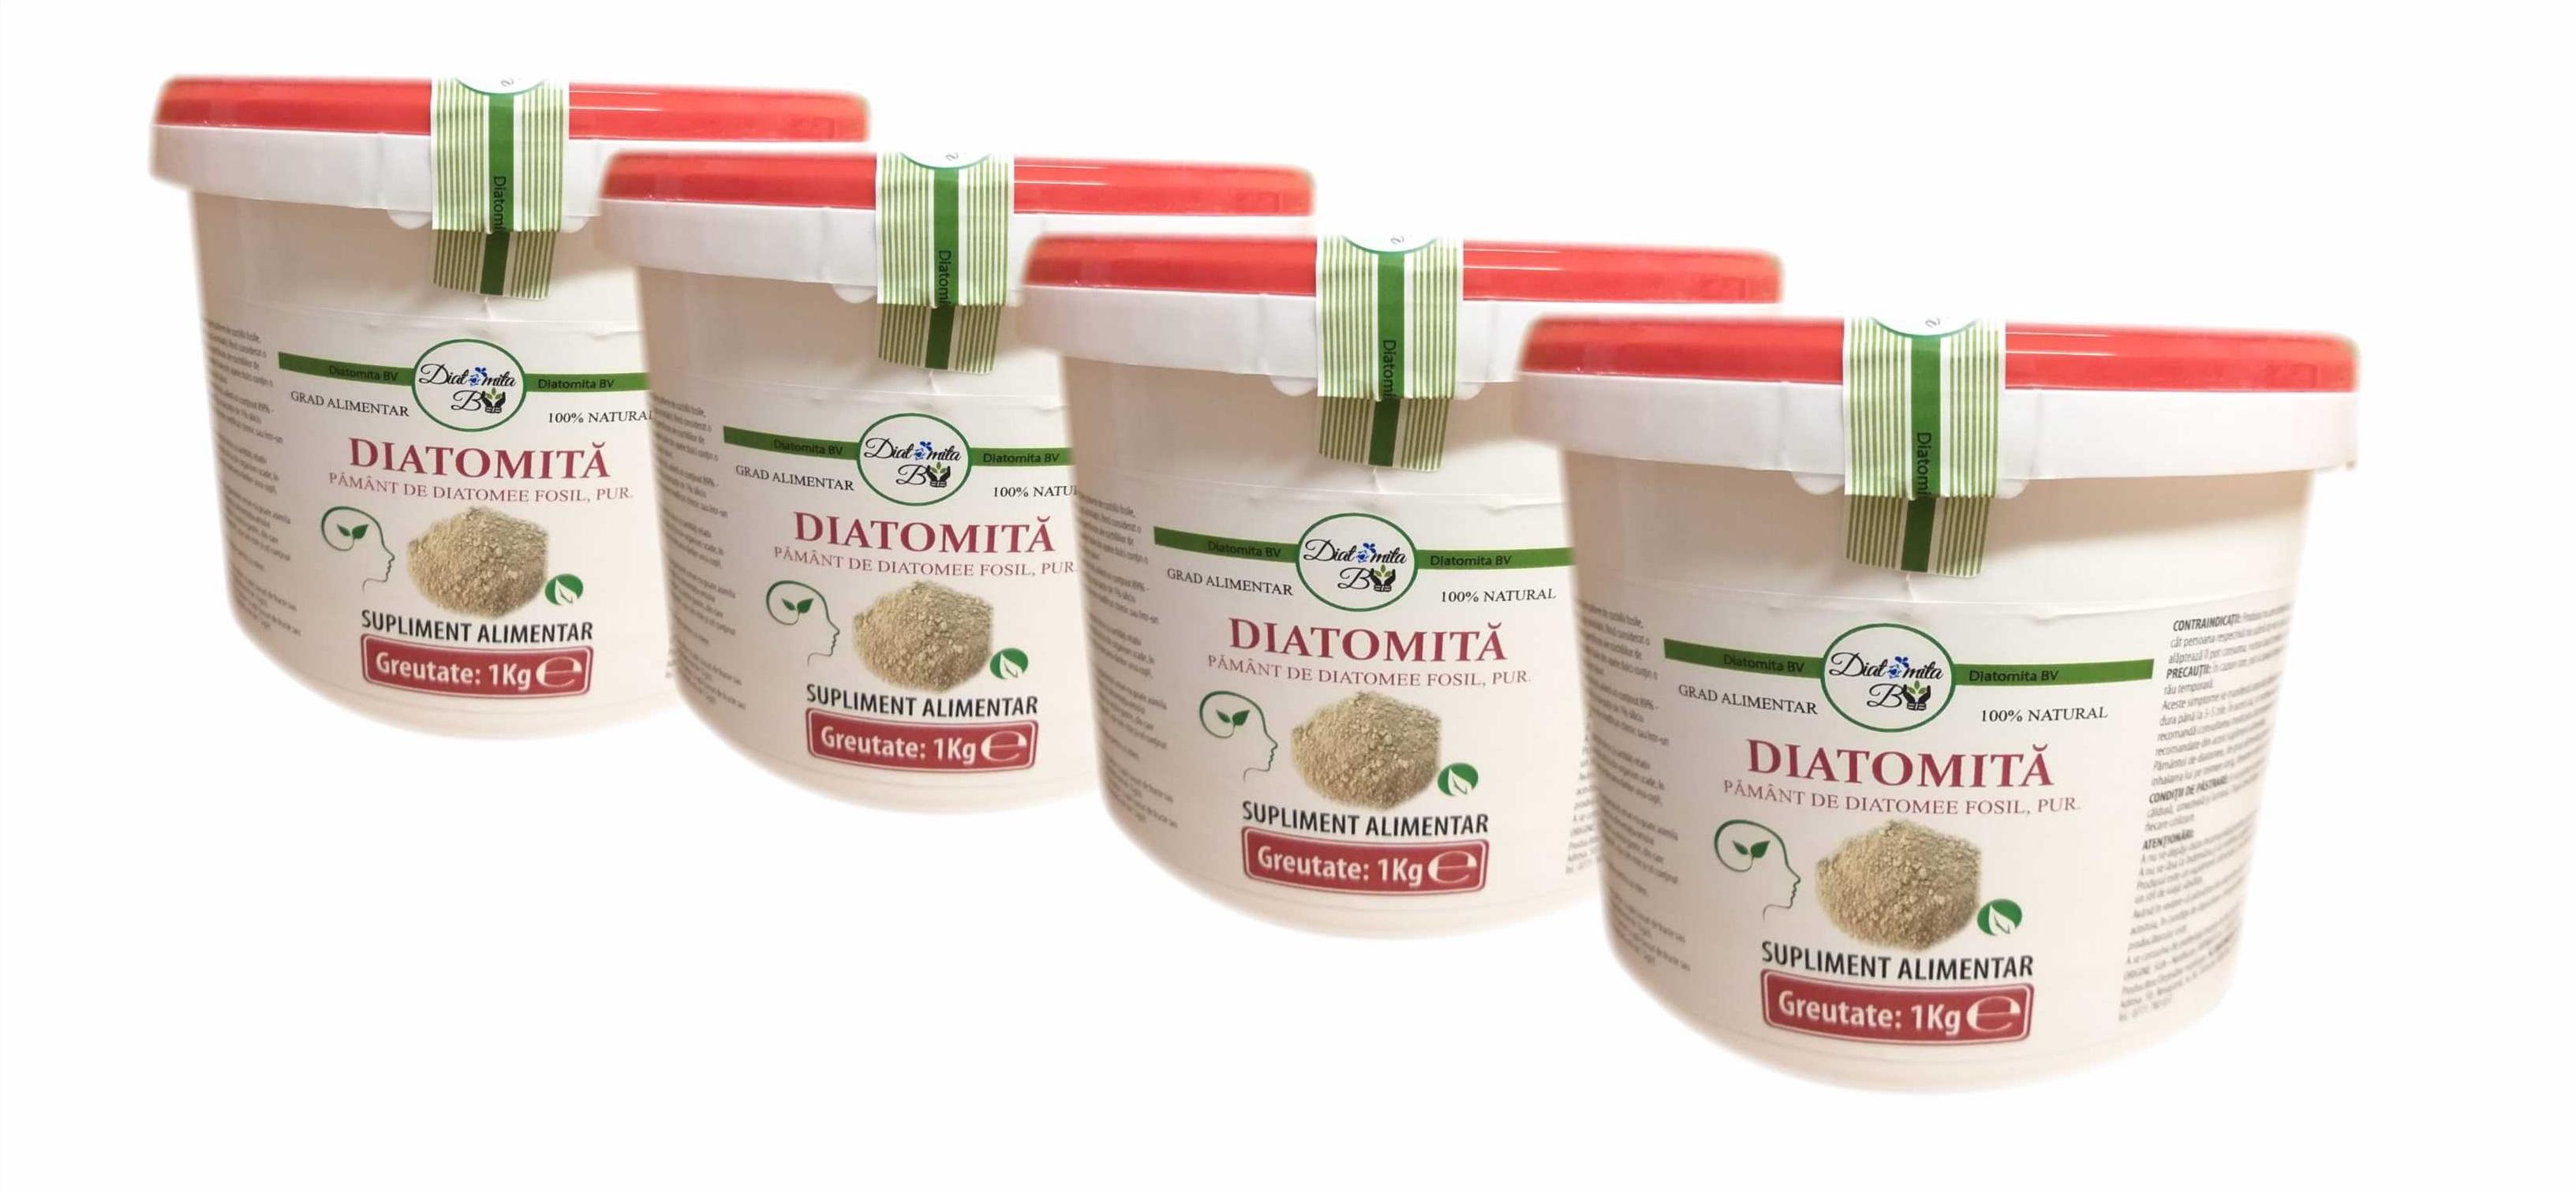 pământul de diatomee va ajuta să pierdeți în greutate